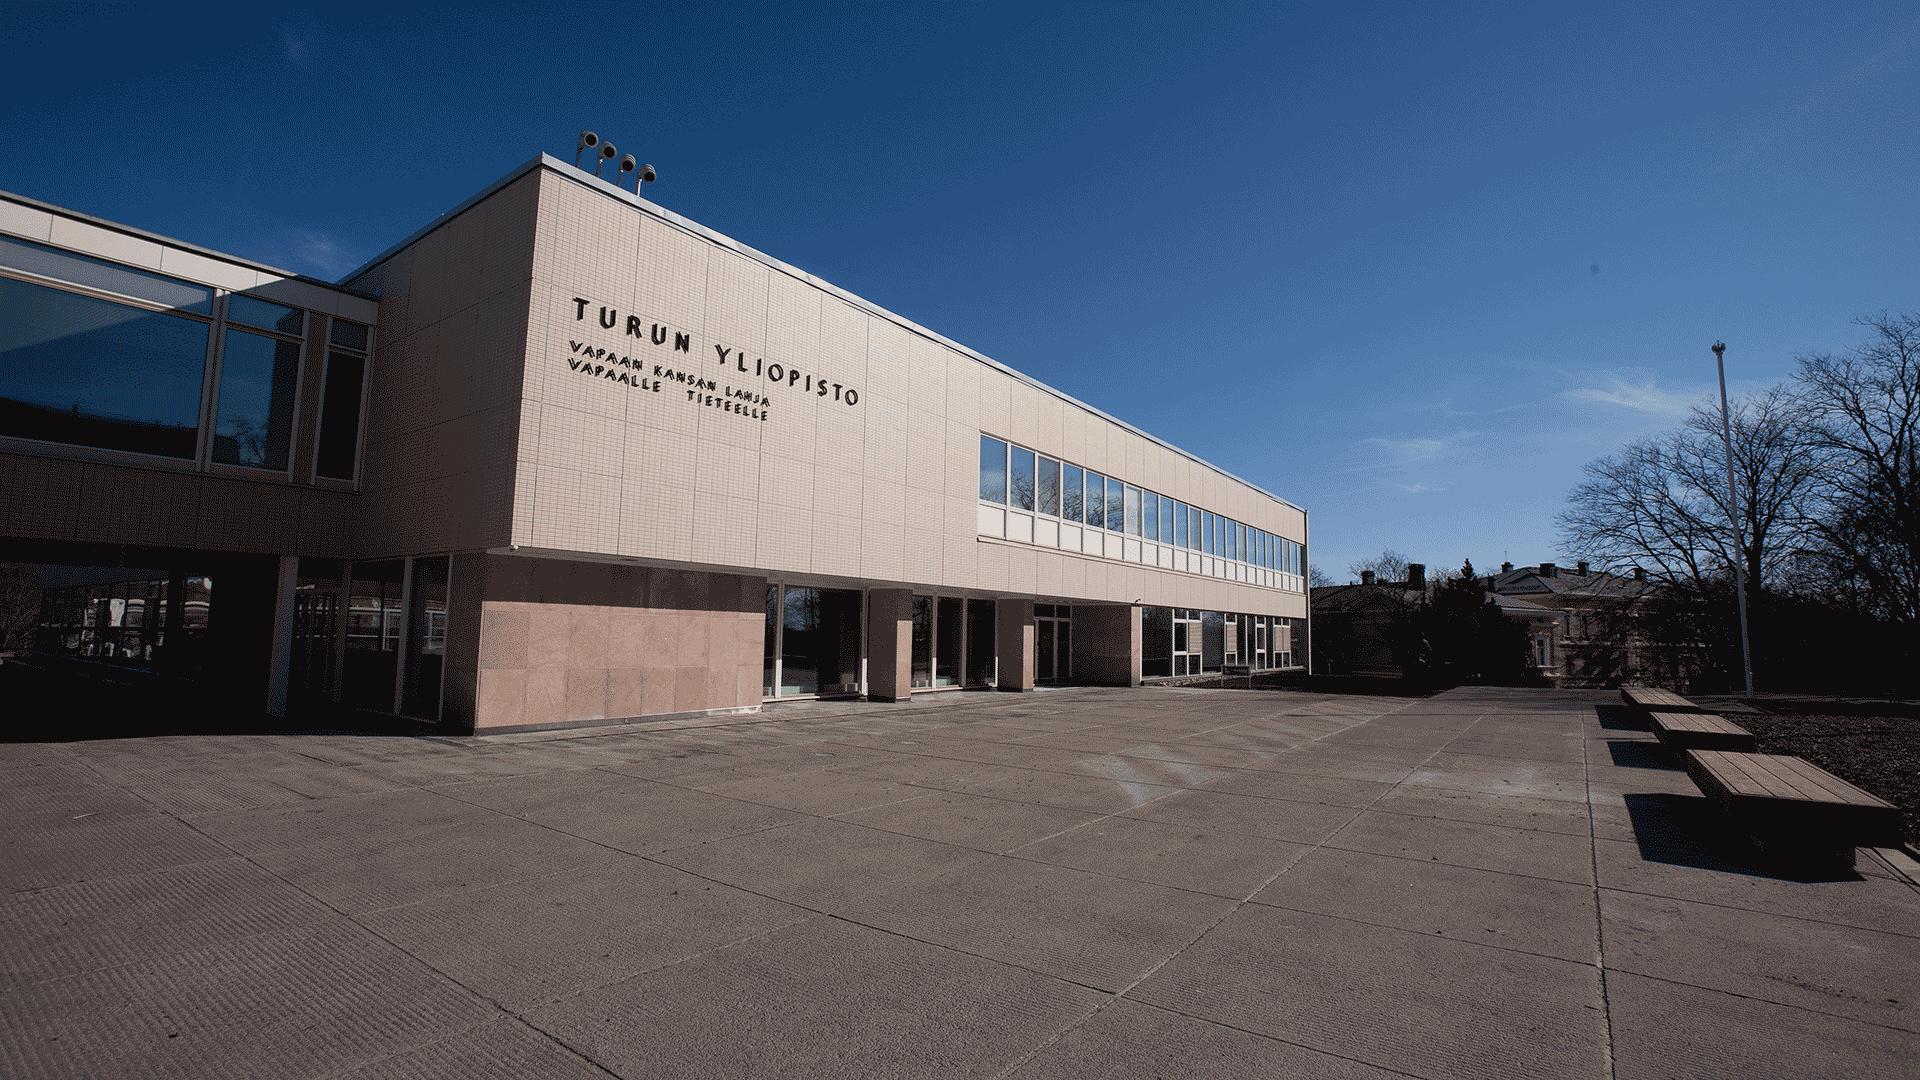 Turun yliopisto, pääkirjaston peruskorjaus